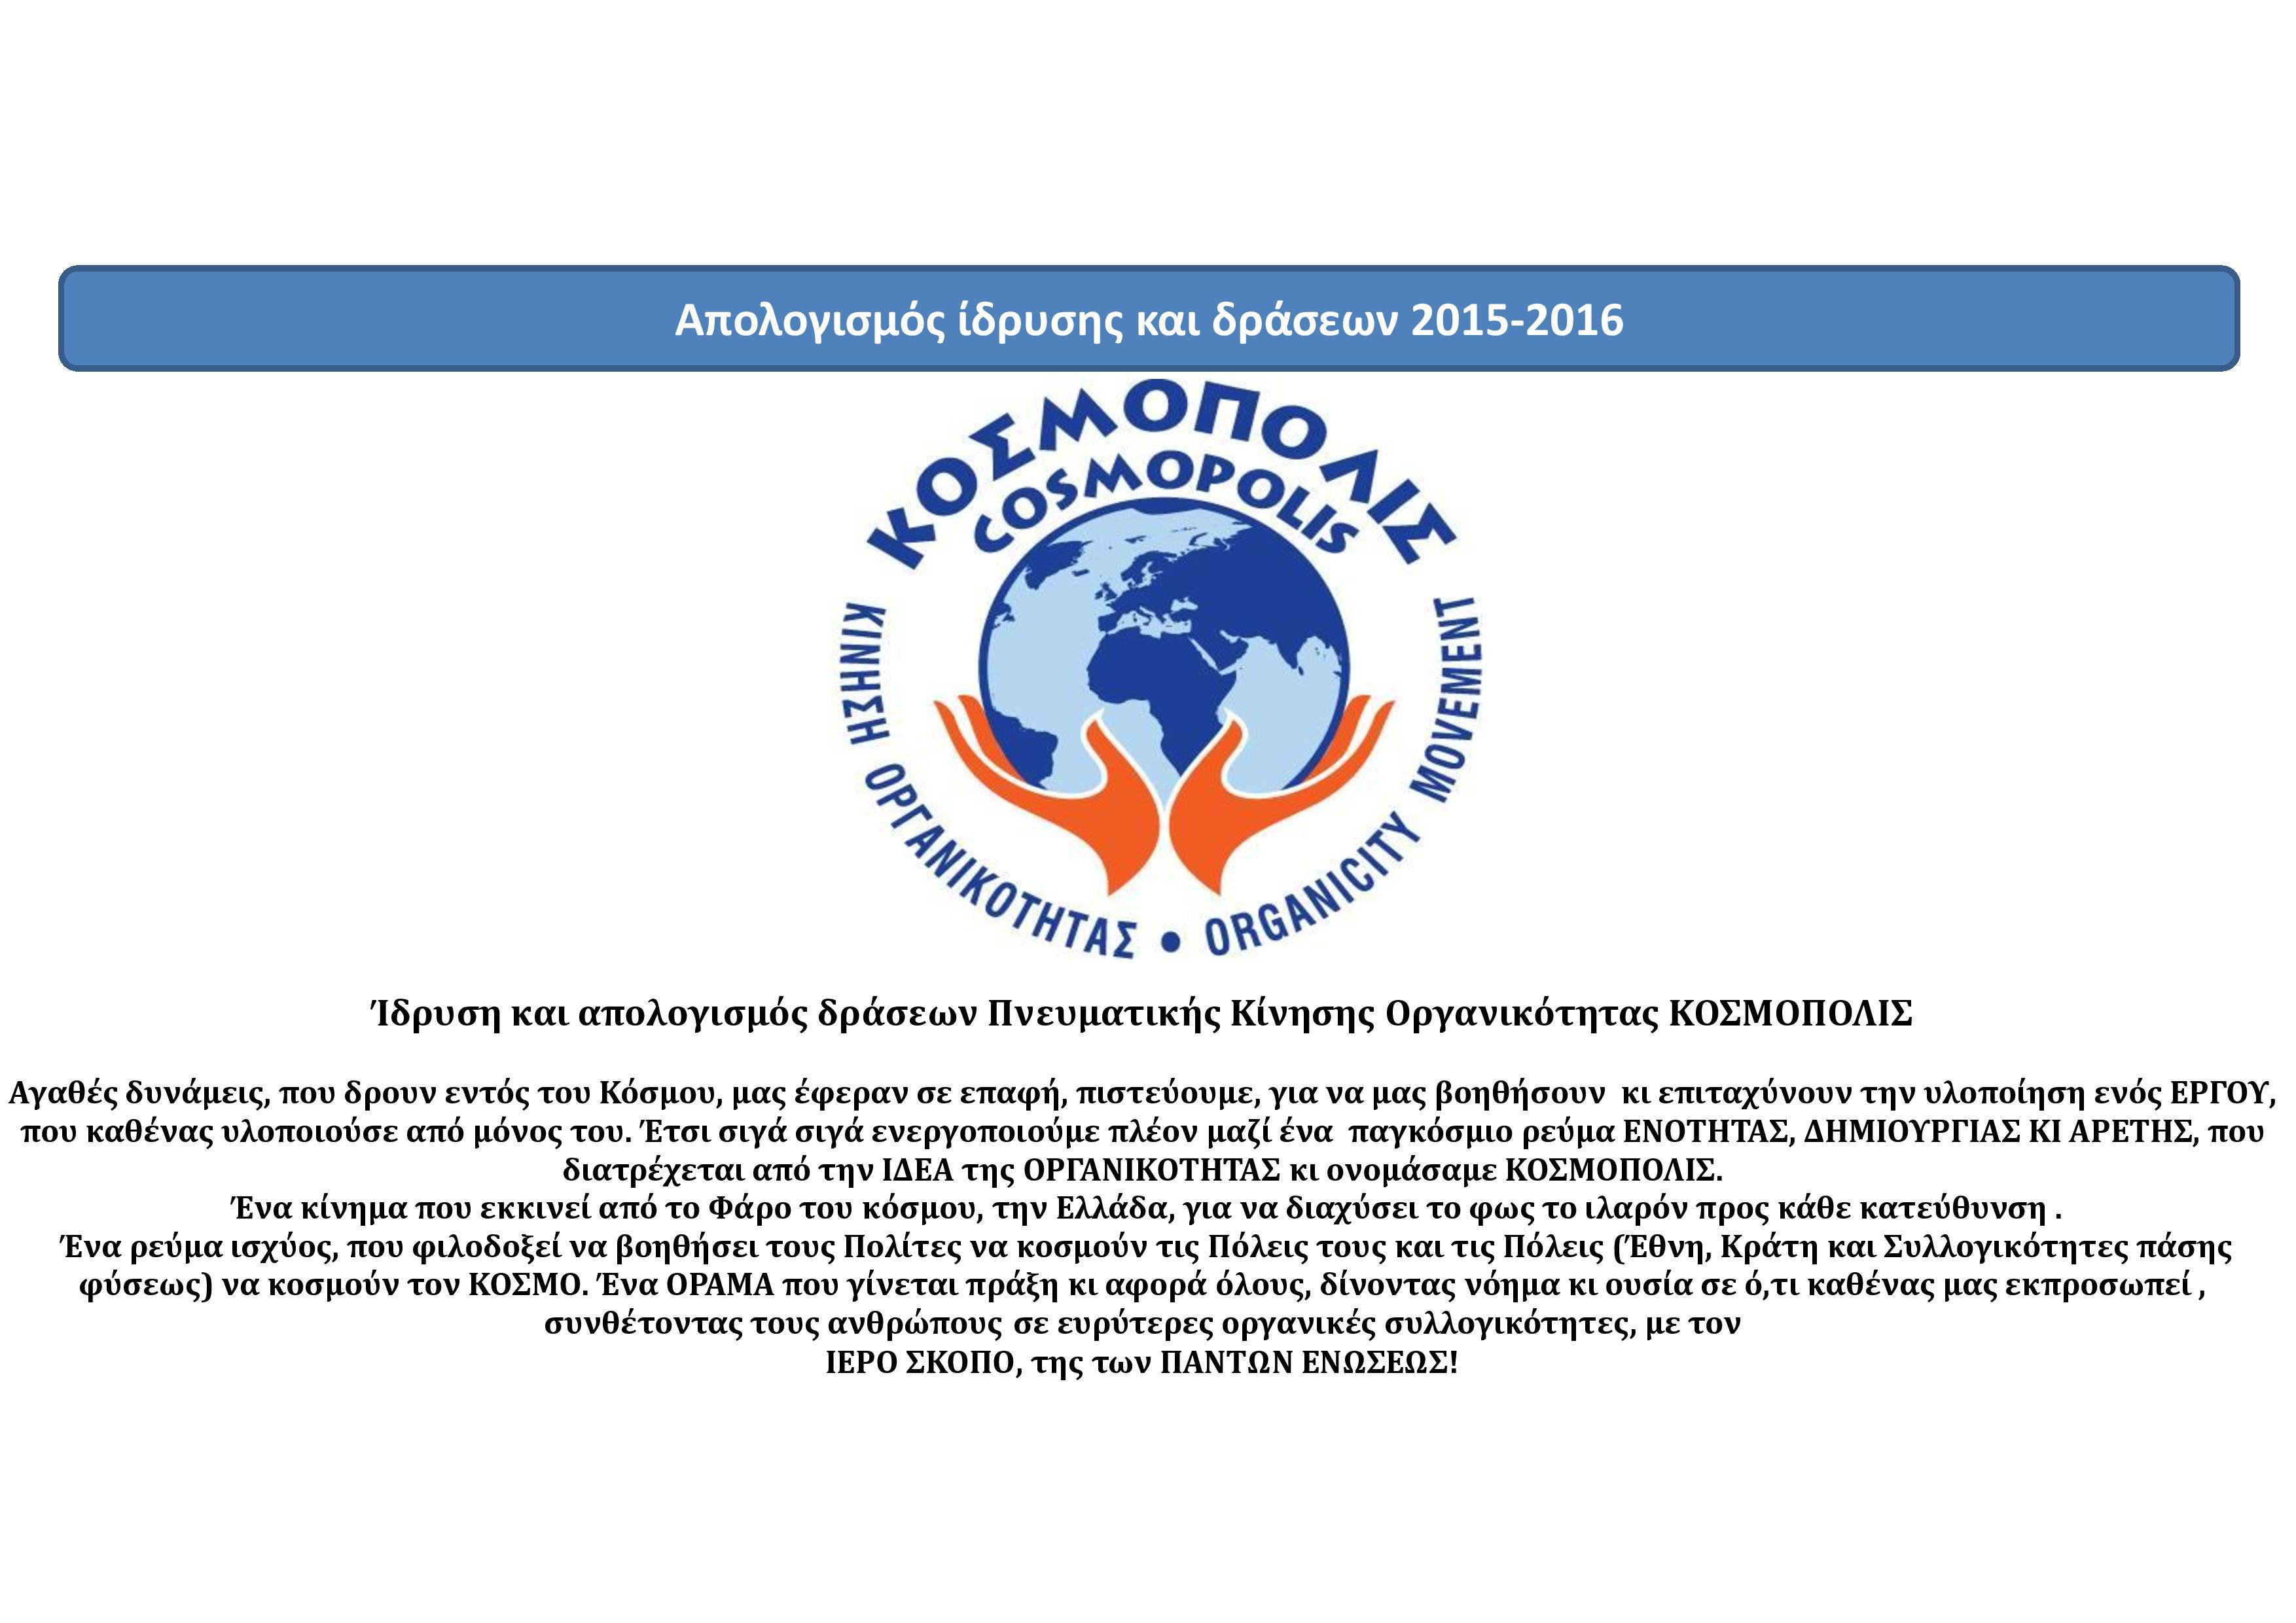 1-apologismos-2015-2016